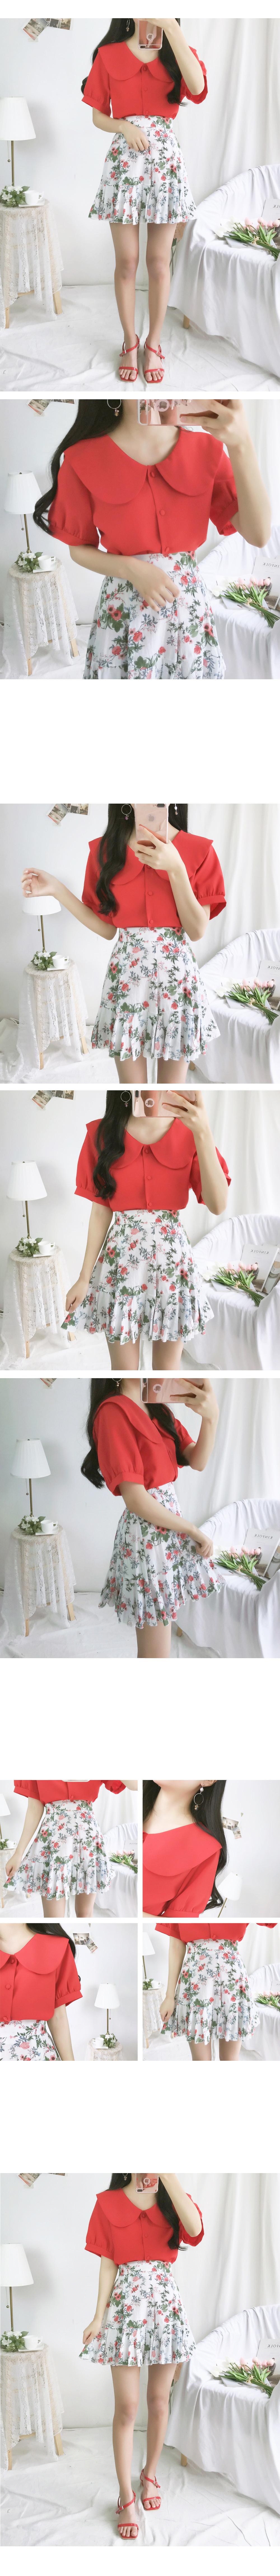 Florist skirt